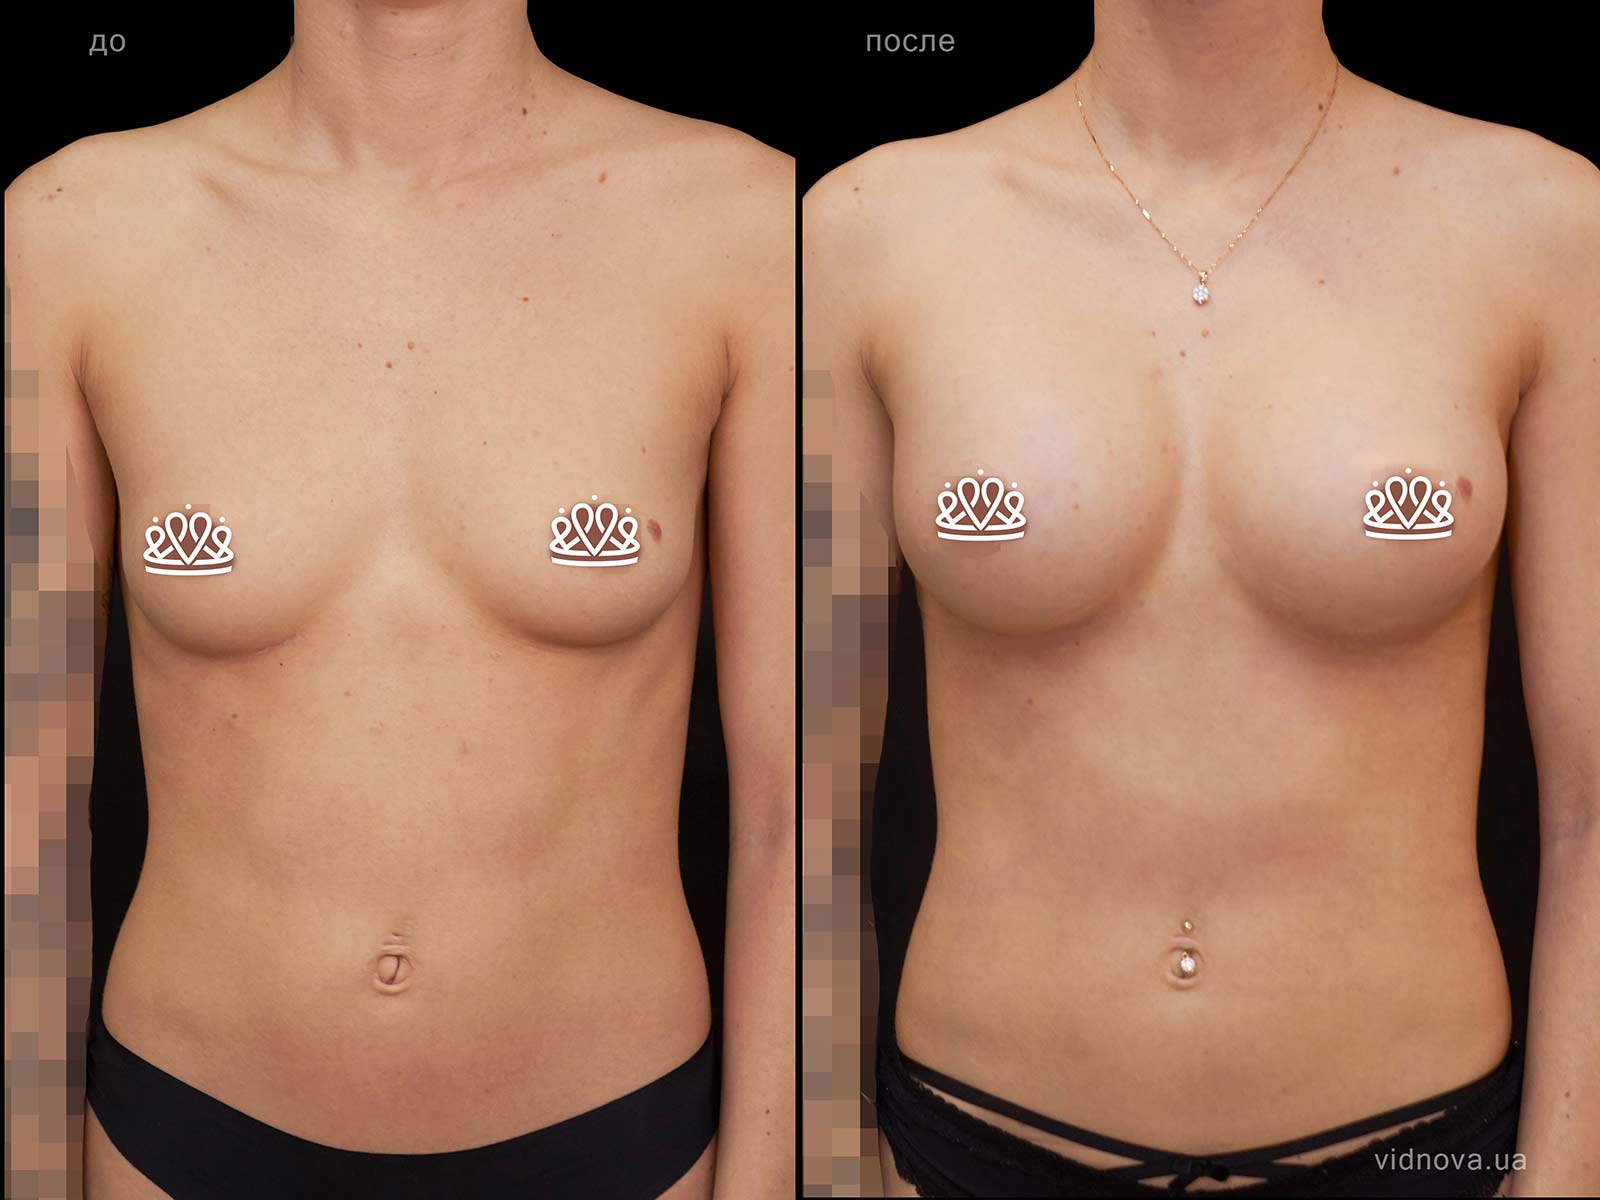 Пластика груди: результаты до и после - Пример №112-0 - Светлана Работенко